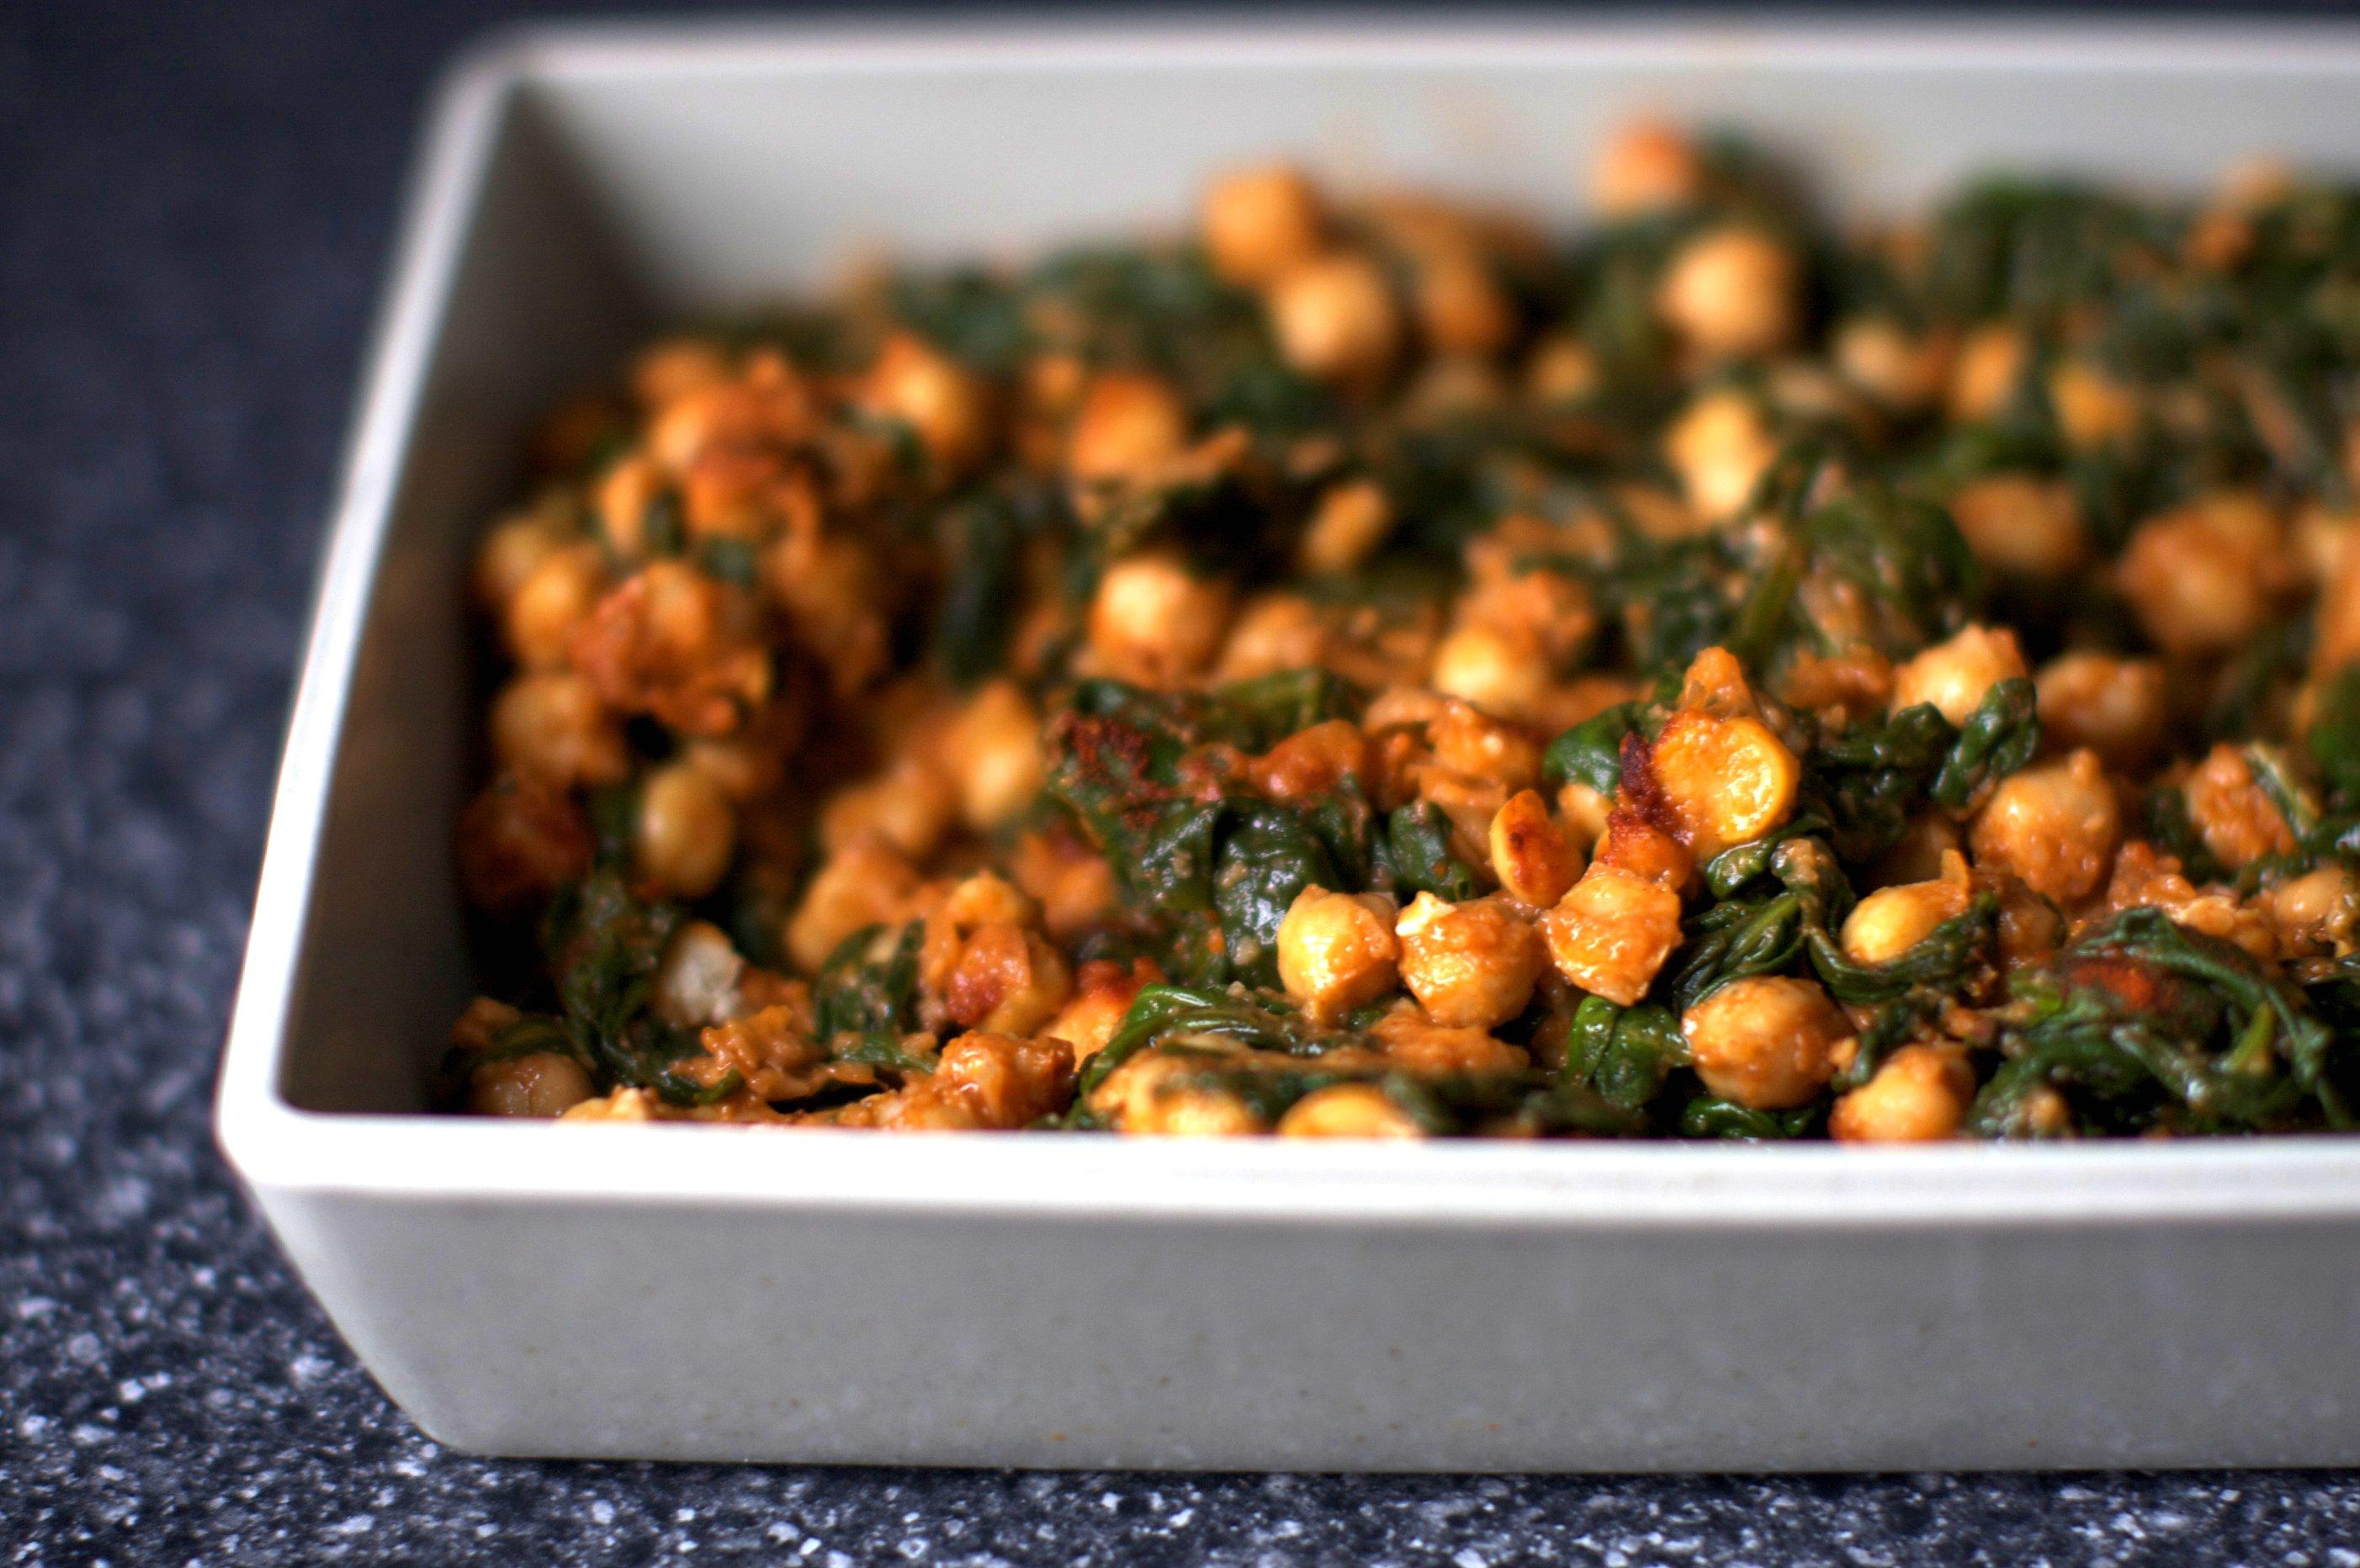 Spinach And Chickpeas Smitten Kitchen